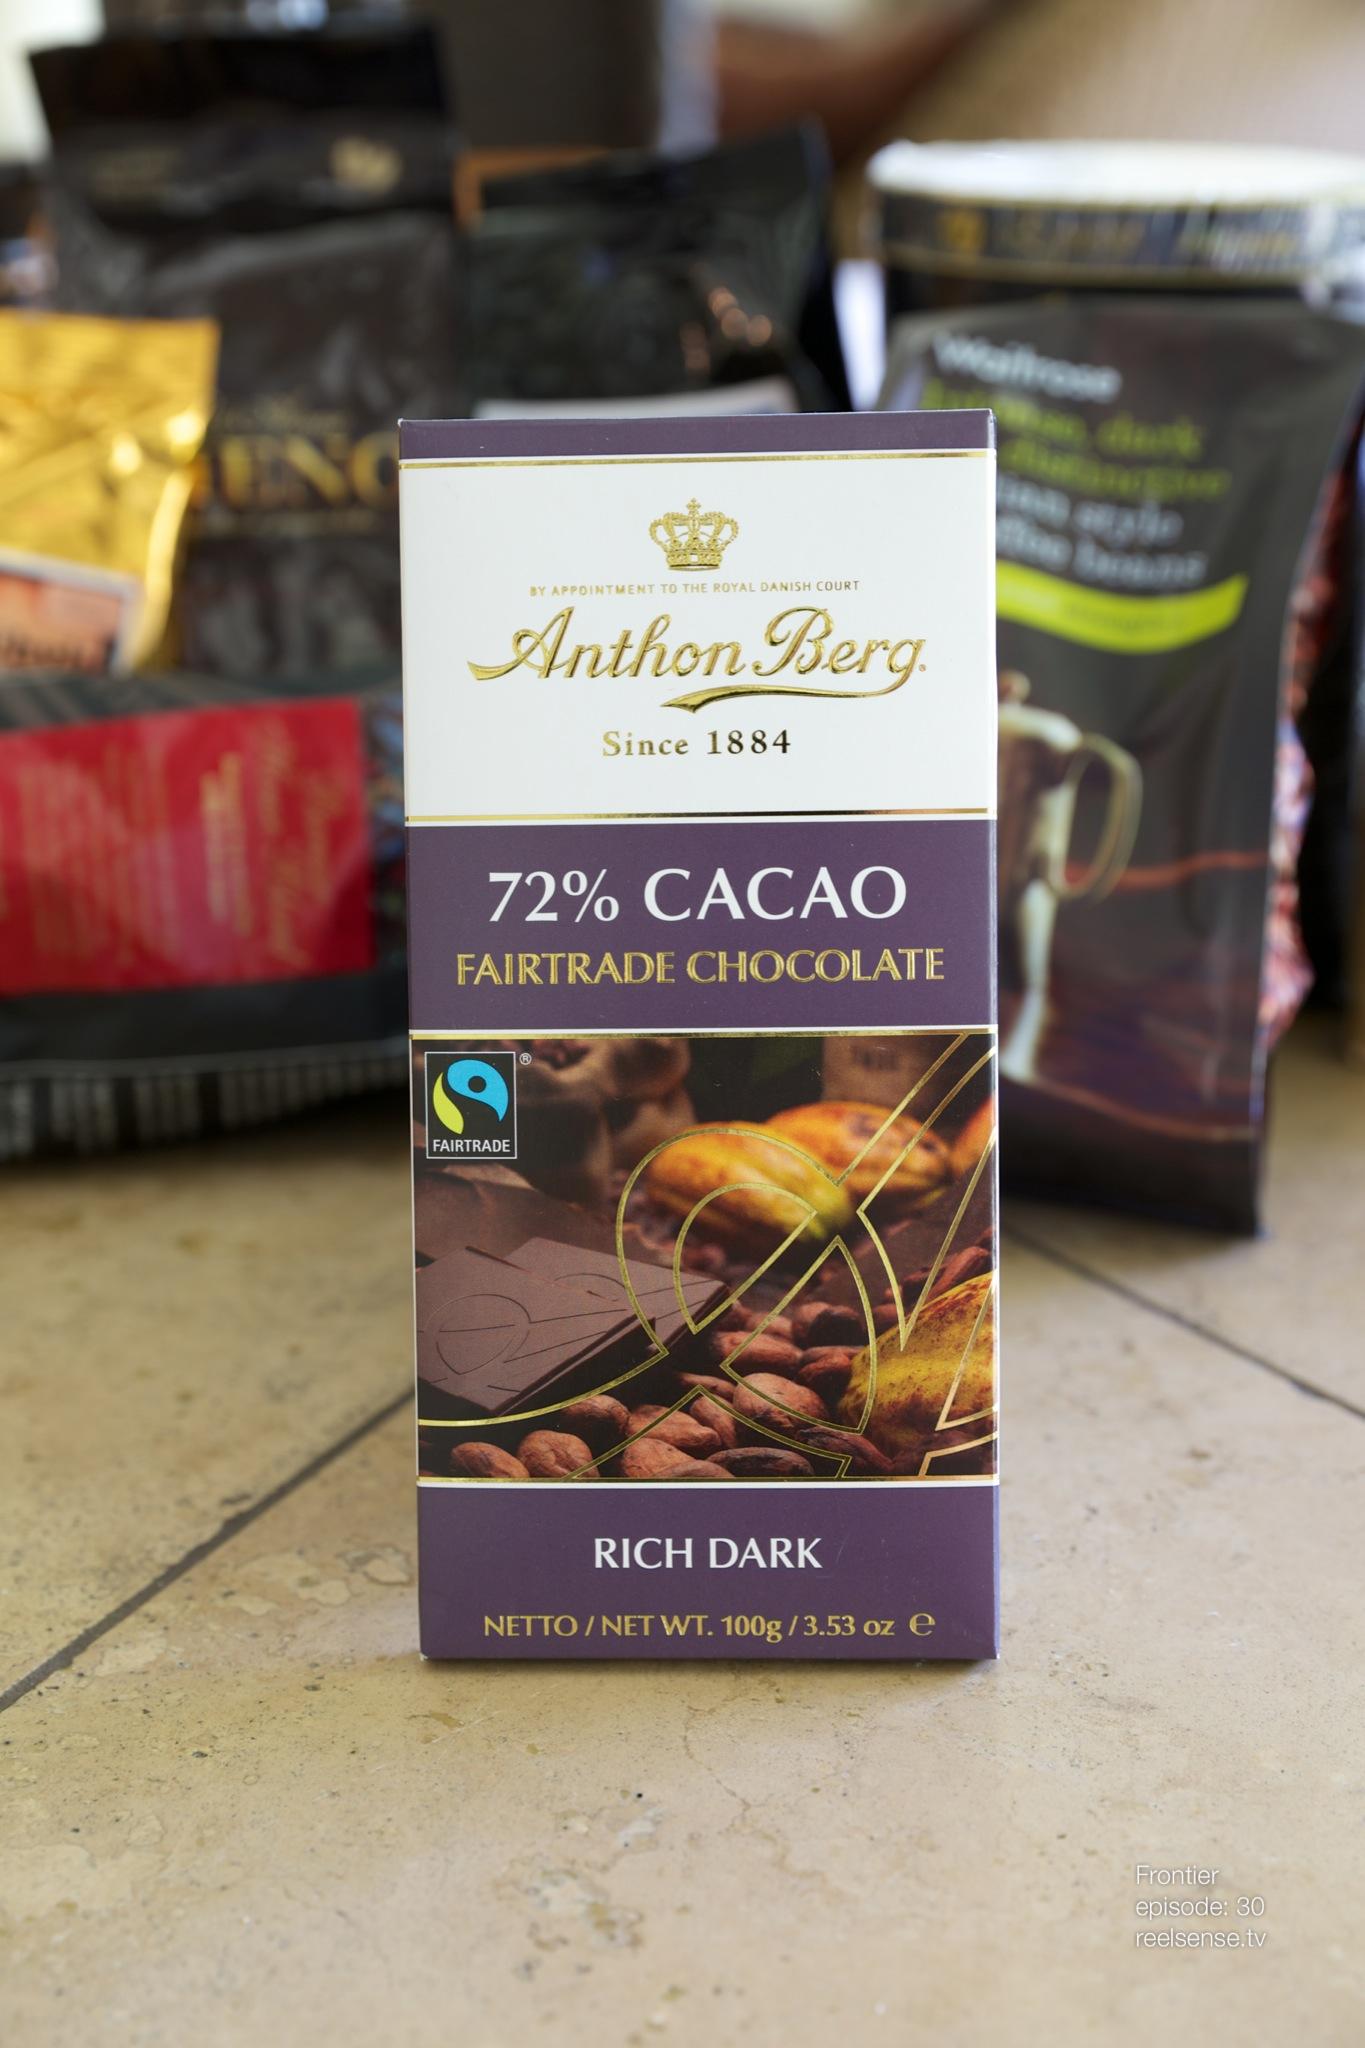 Anthon Berg - Rich Dark 70% Cacao - Denmark